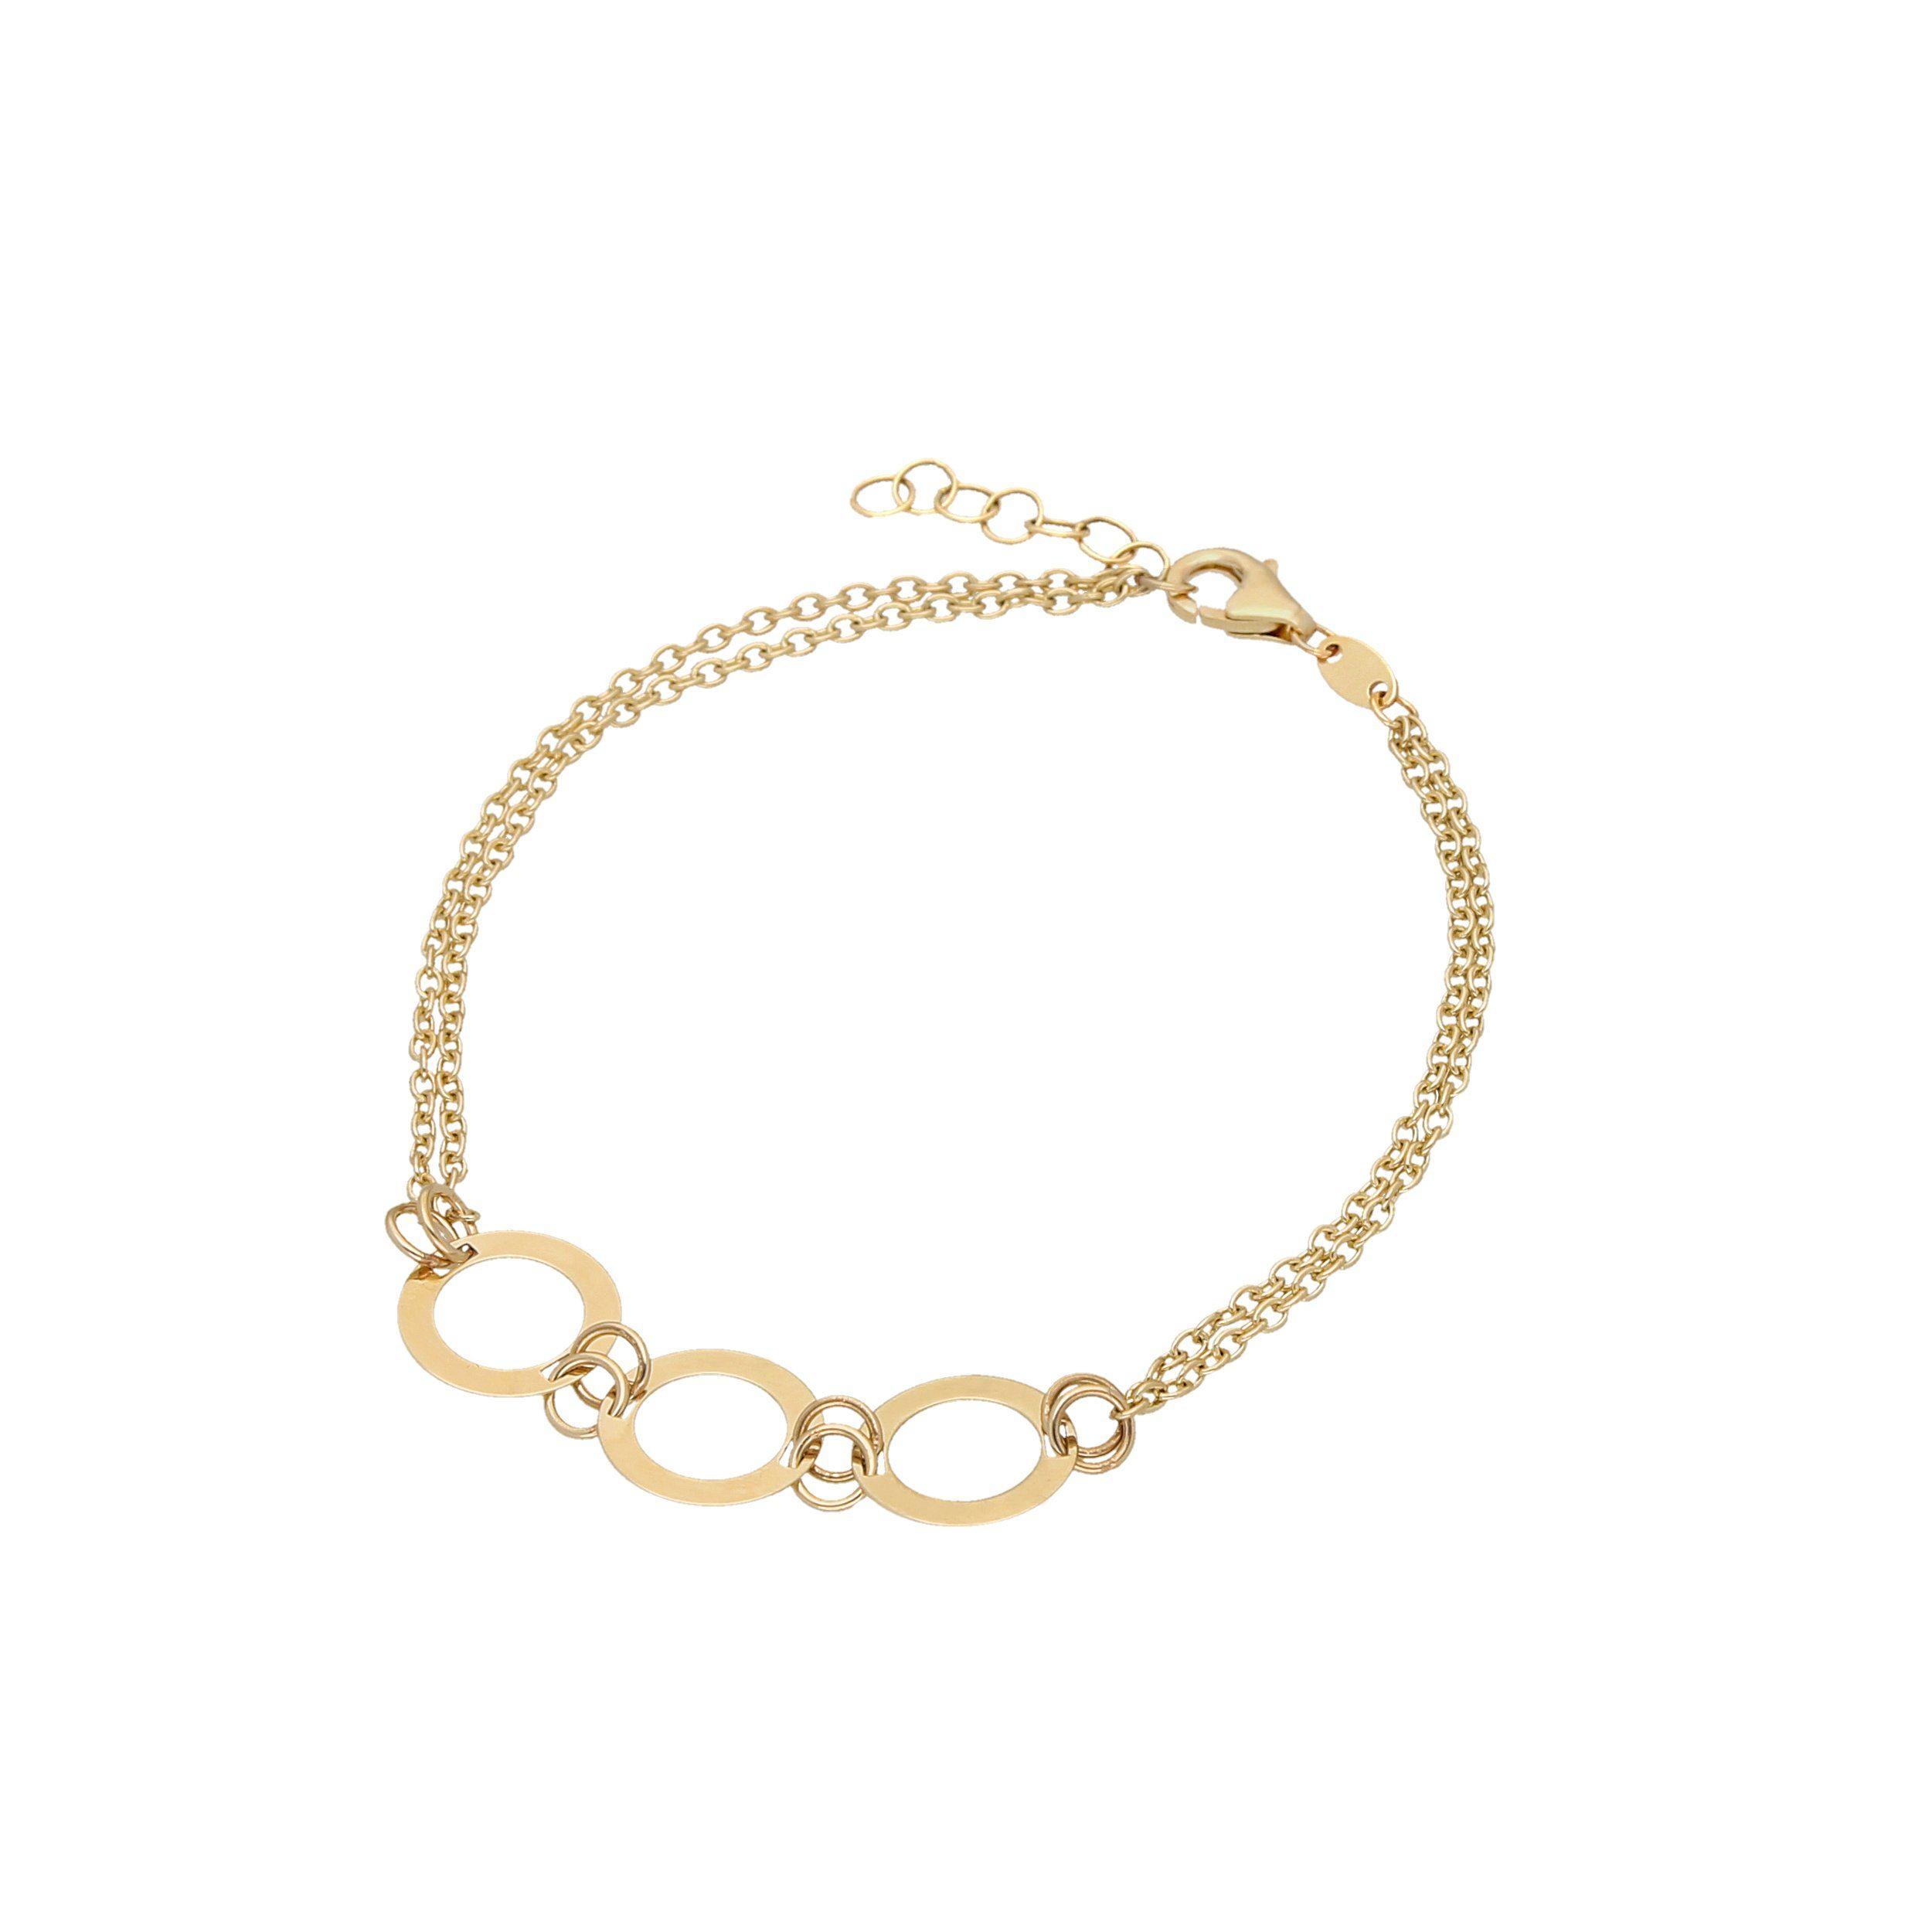 Online Merano Kaufen Luigi »mittelteil 3 Armband 375« RingenGold Mit b9HeWDYIE2